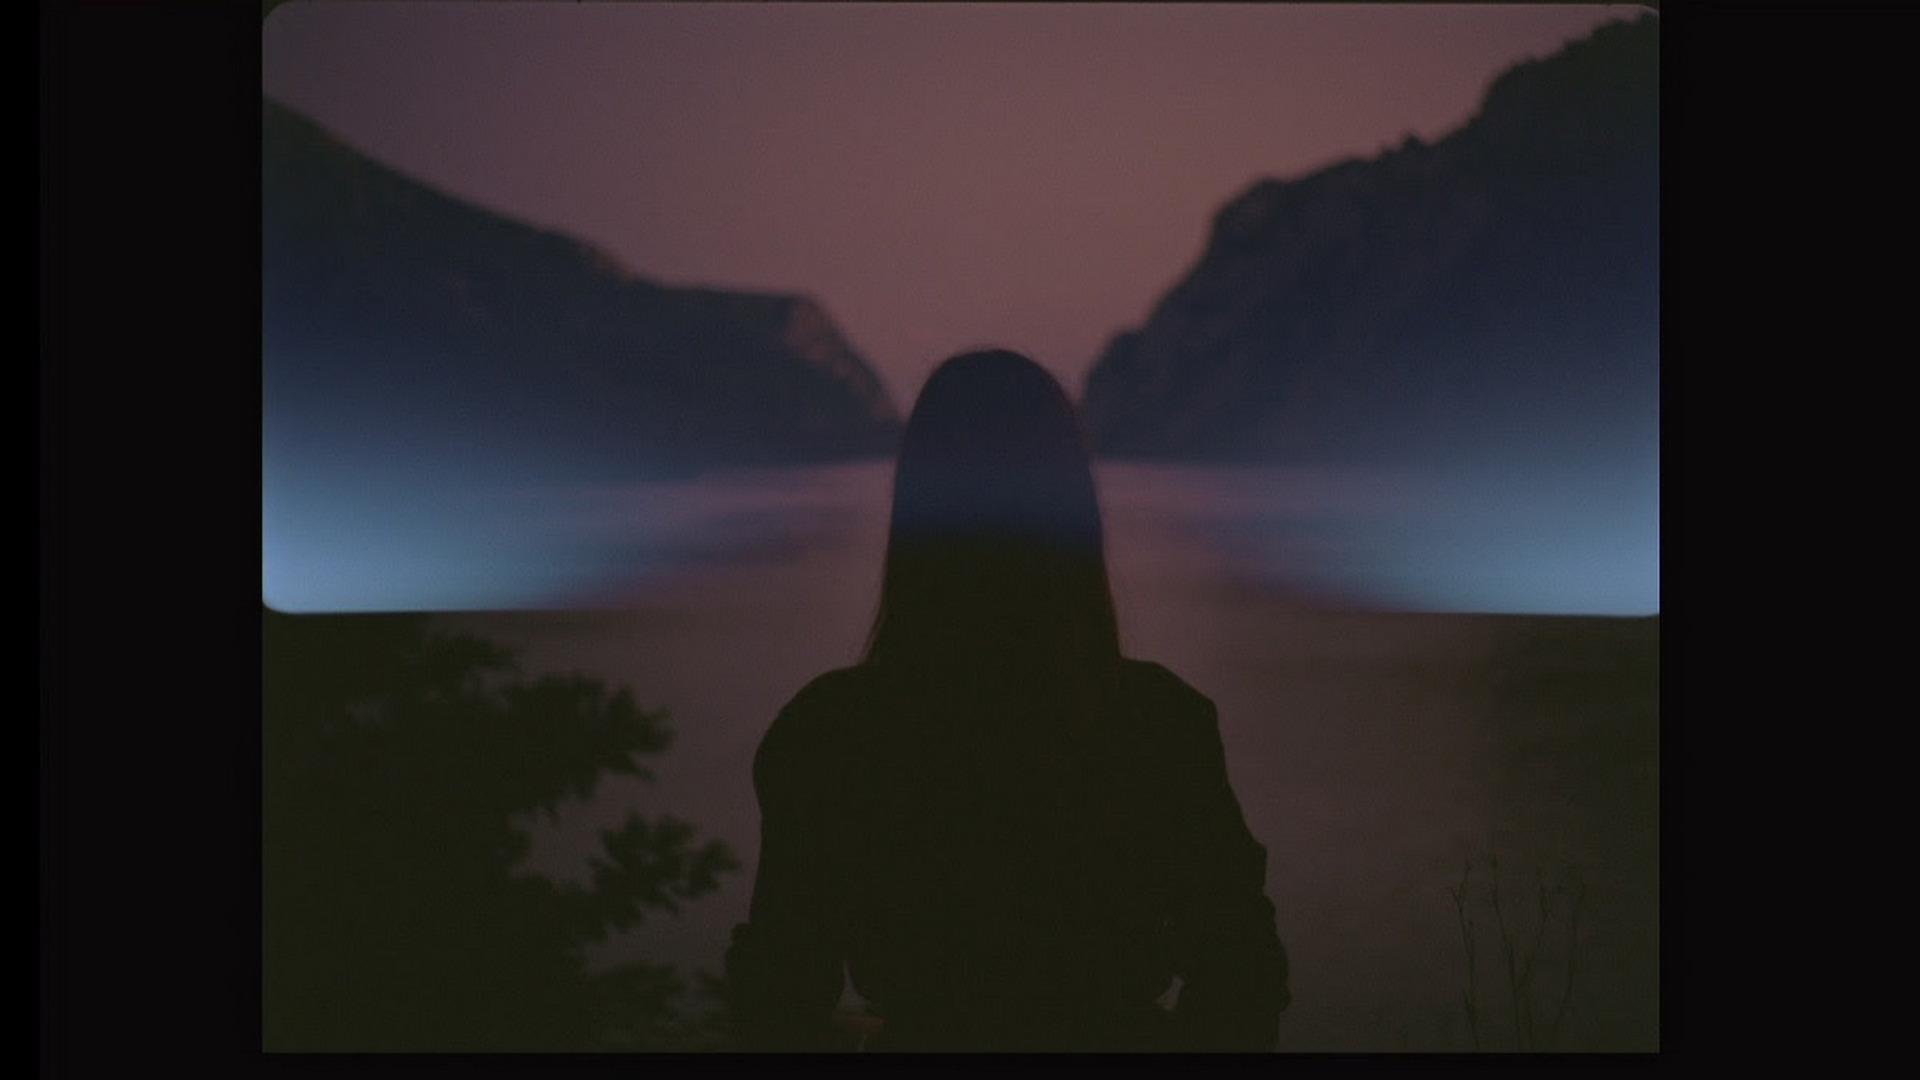 Dodjele nagrada Wild Dreamer i svjetska premijera filma Žene minorne spekulacije | 14. Subversive Festival